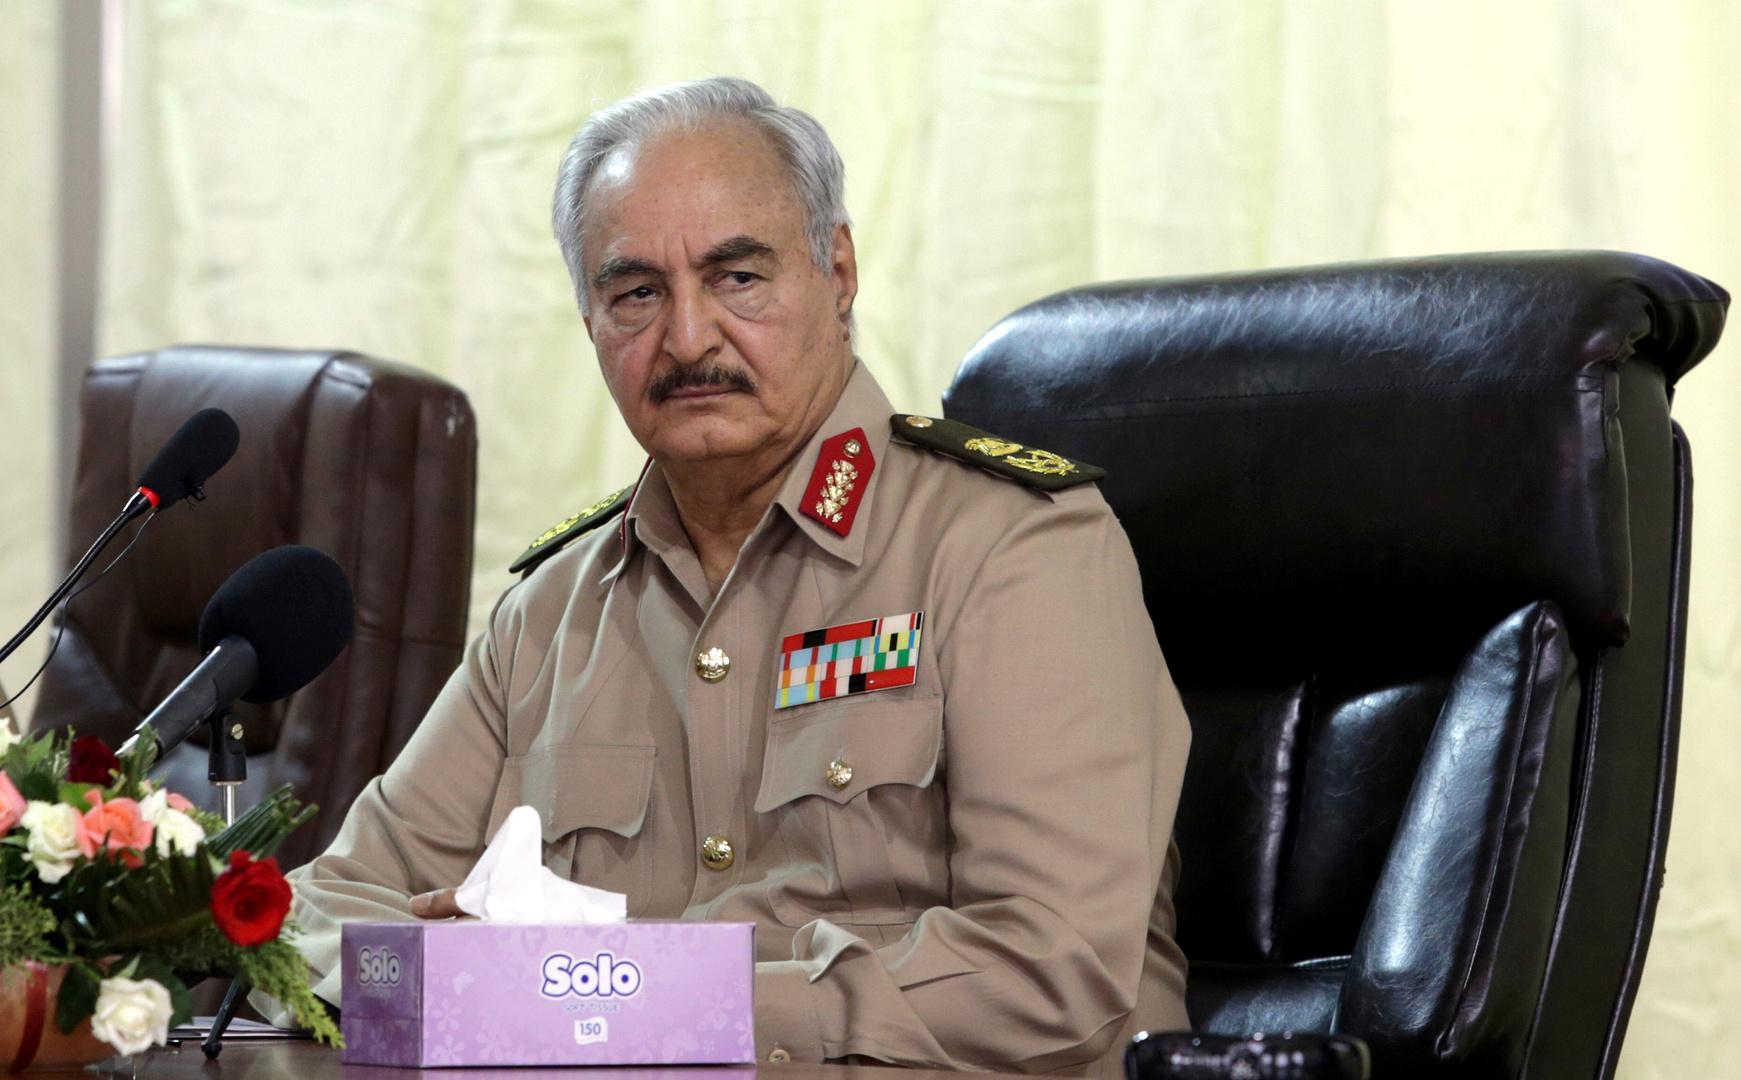 واشنطن: حفتر تعهد بفتح قطاع الطاقة الليبي في موعد أقصاه اليوم